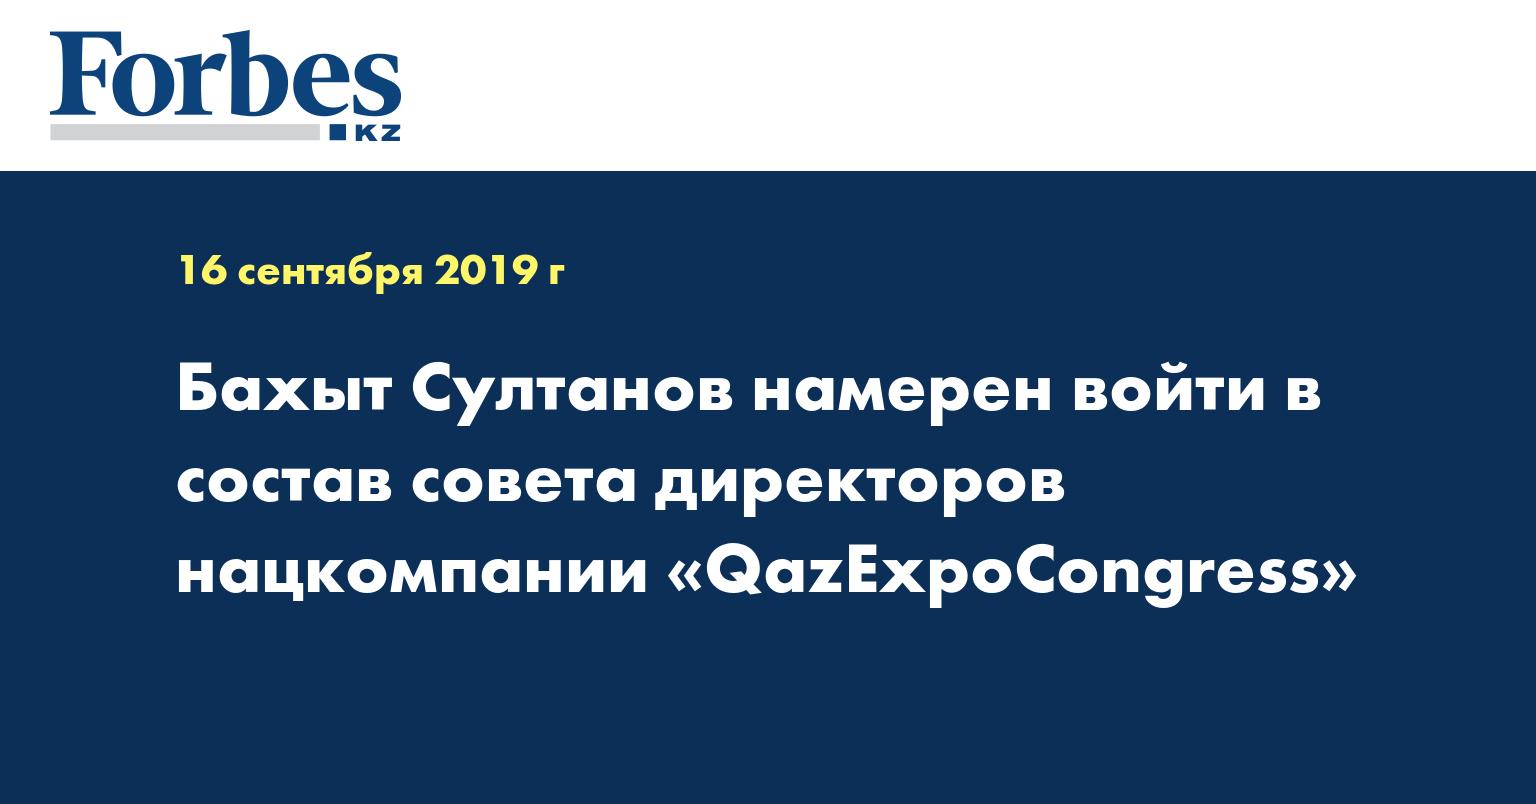 Бахыт Султанов намерен войти в состав совета директоров нацкомпании «QazExpoCongress»